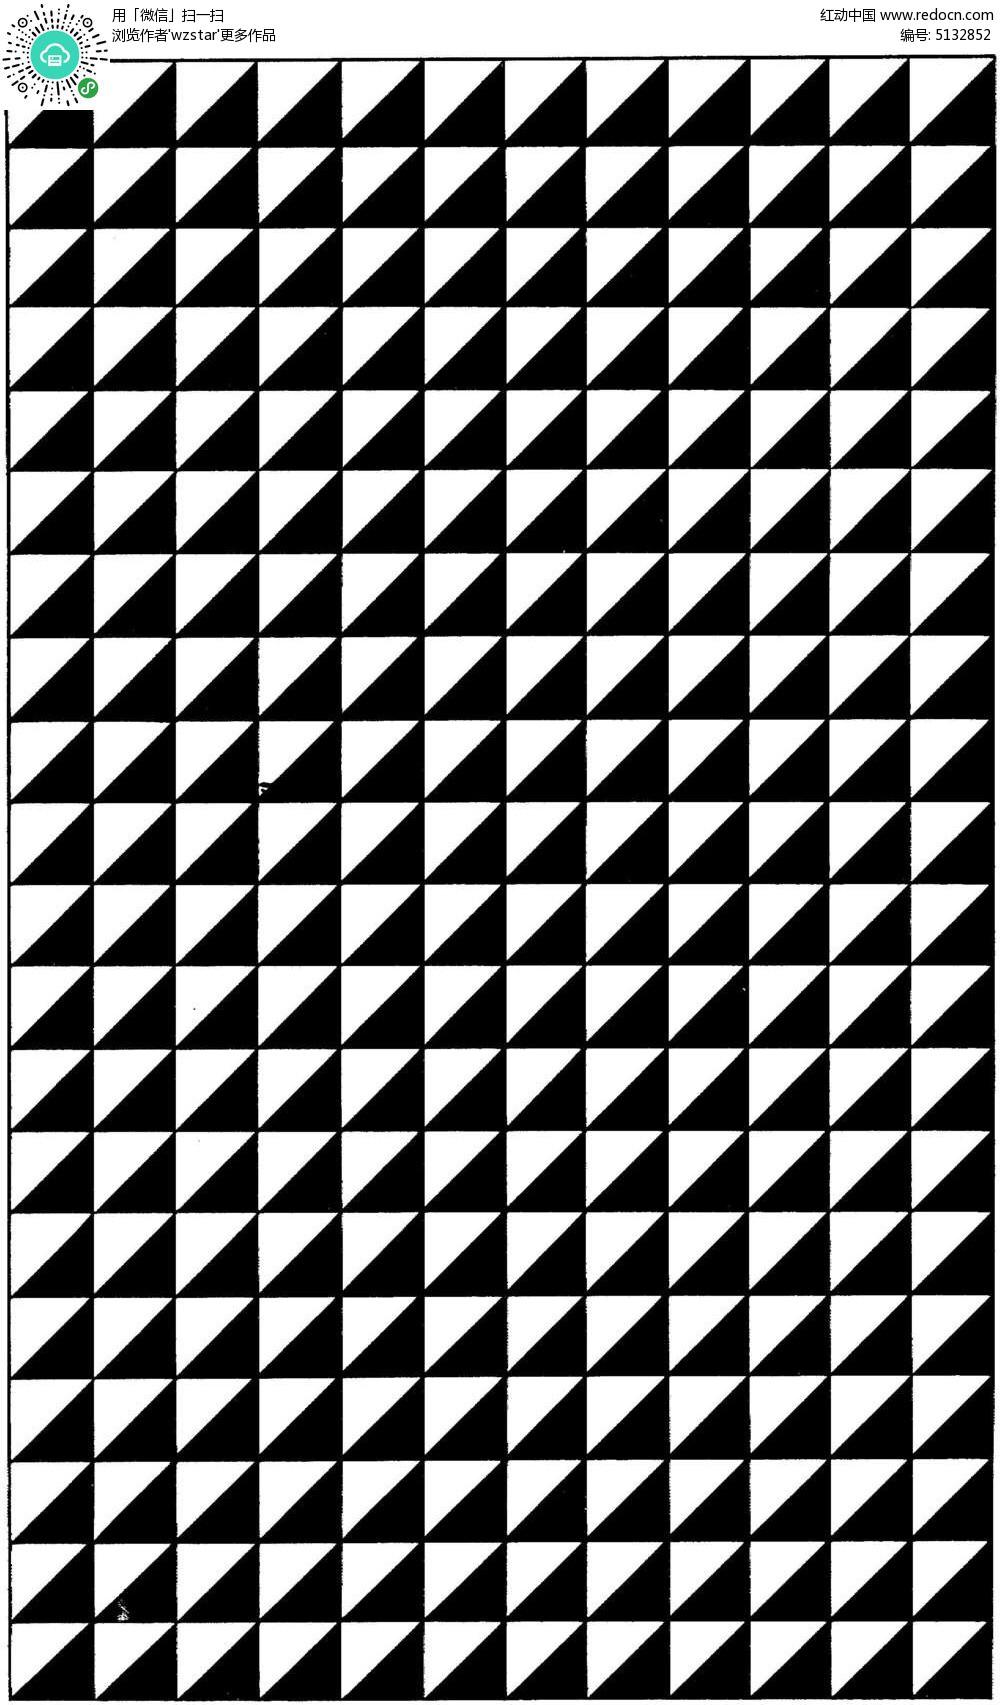 三角形平面构成型花纹tif免费下载_其他装饰素材